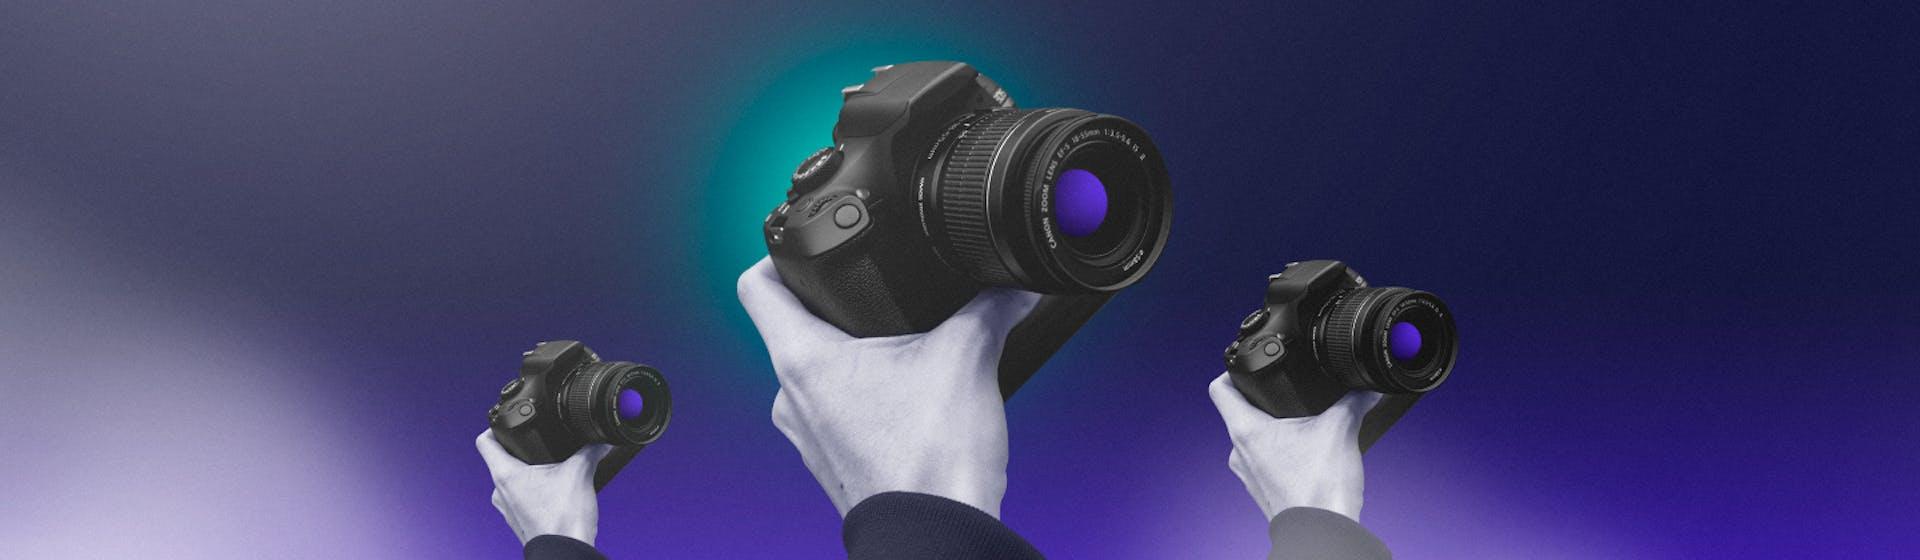 Comienza a capturar aprendiendo qué es la fotografía digital